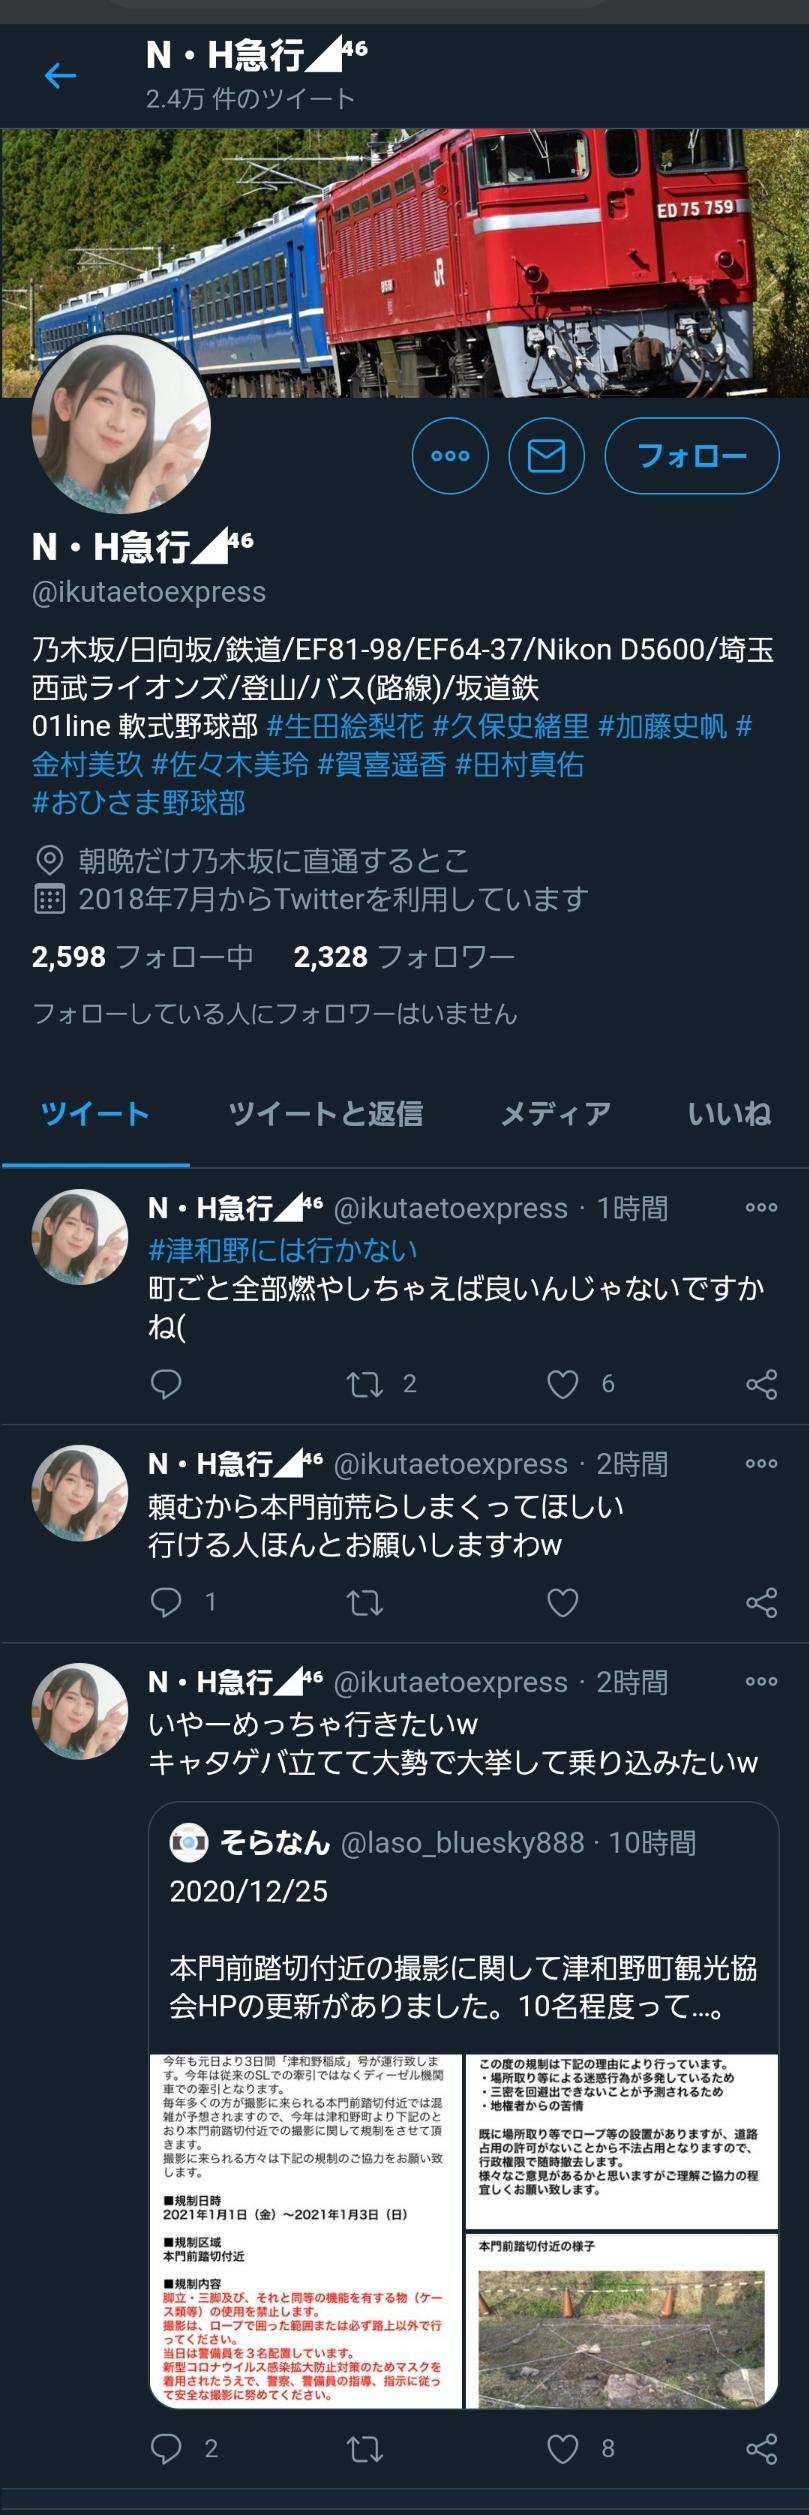 J なん 鉄 オタ 【悲報】樶り鉄さん、なんJ民に「撮れない鉄」というあだ名を付けて侮辱しようとする🚃